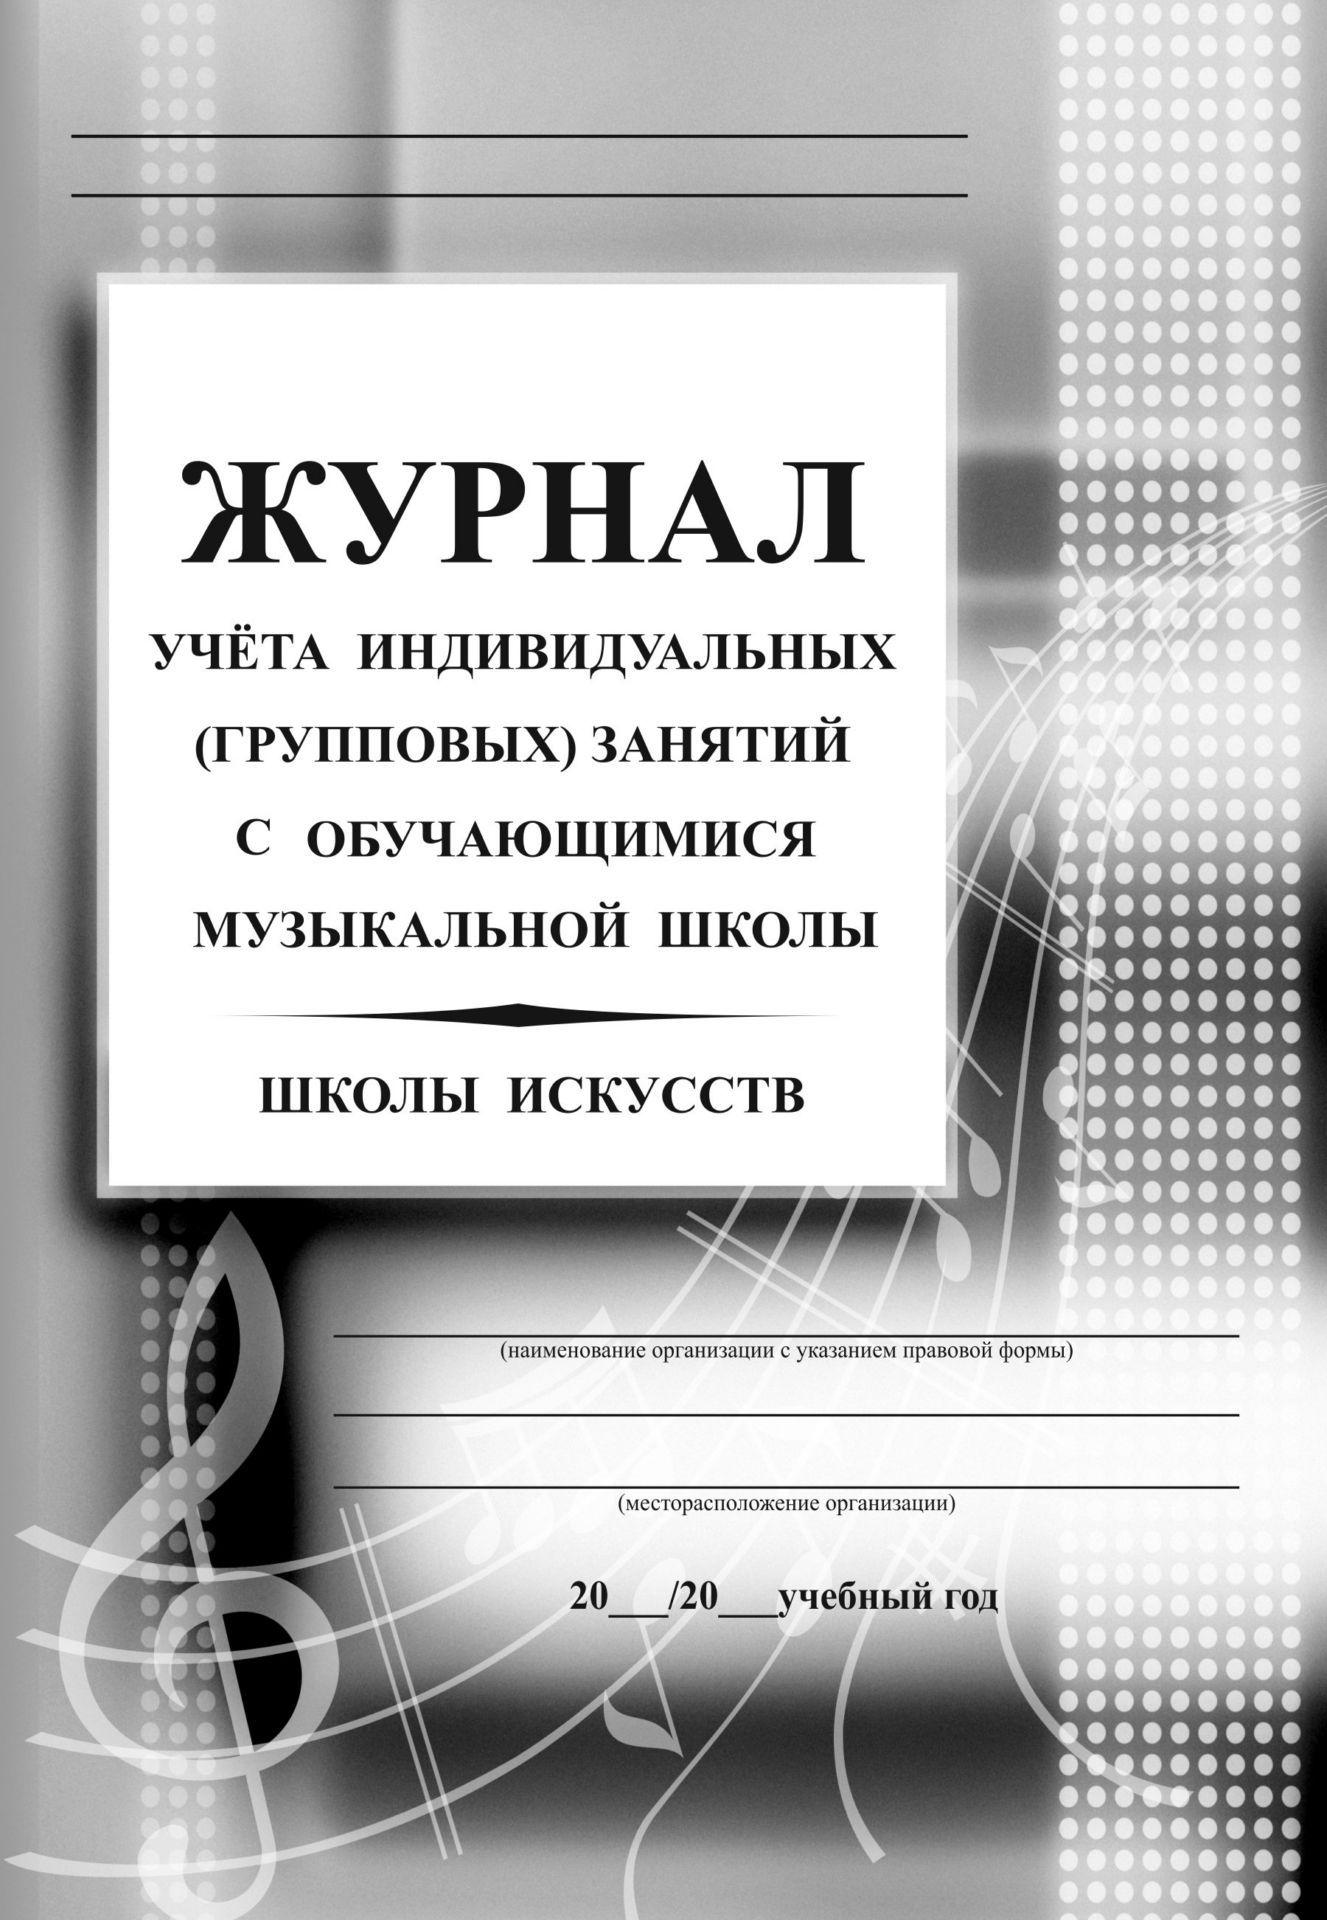 Журнал учёта индивидуальных (групповых) занятий с учащимися музыкальной школы/школы искусств